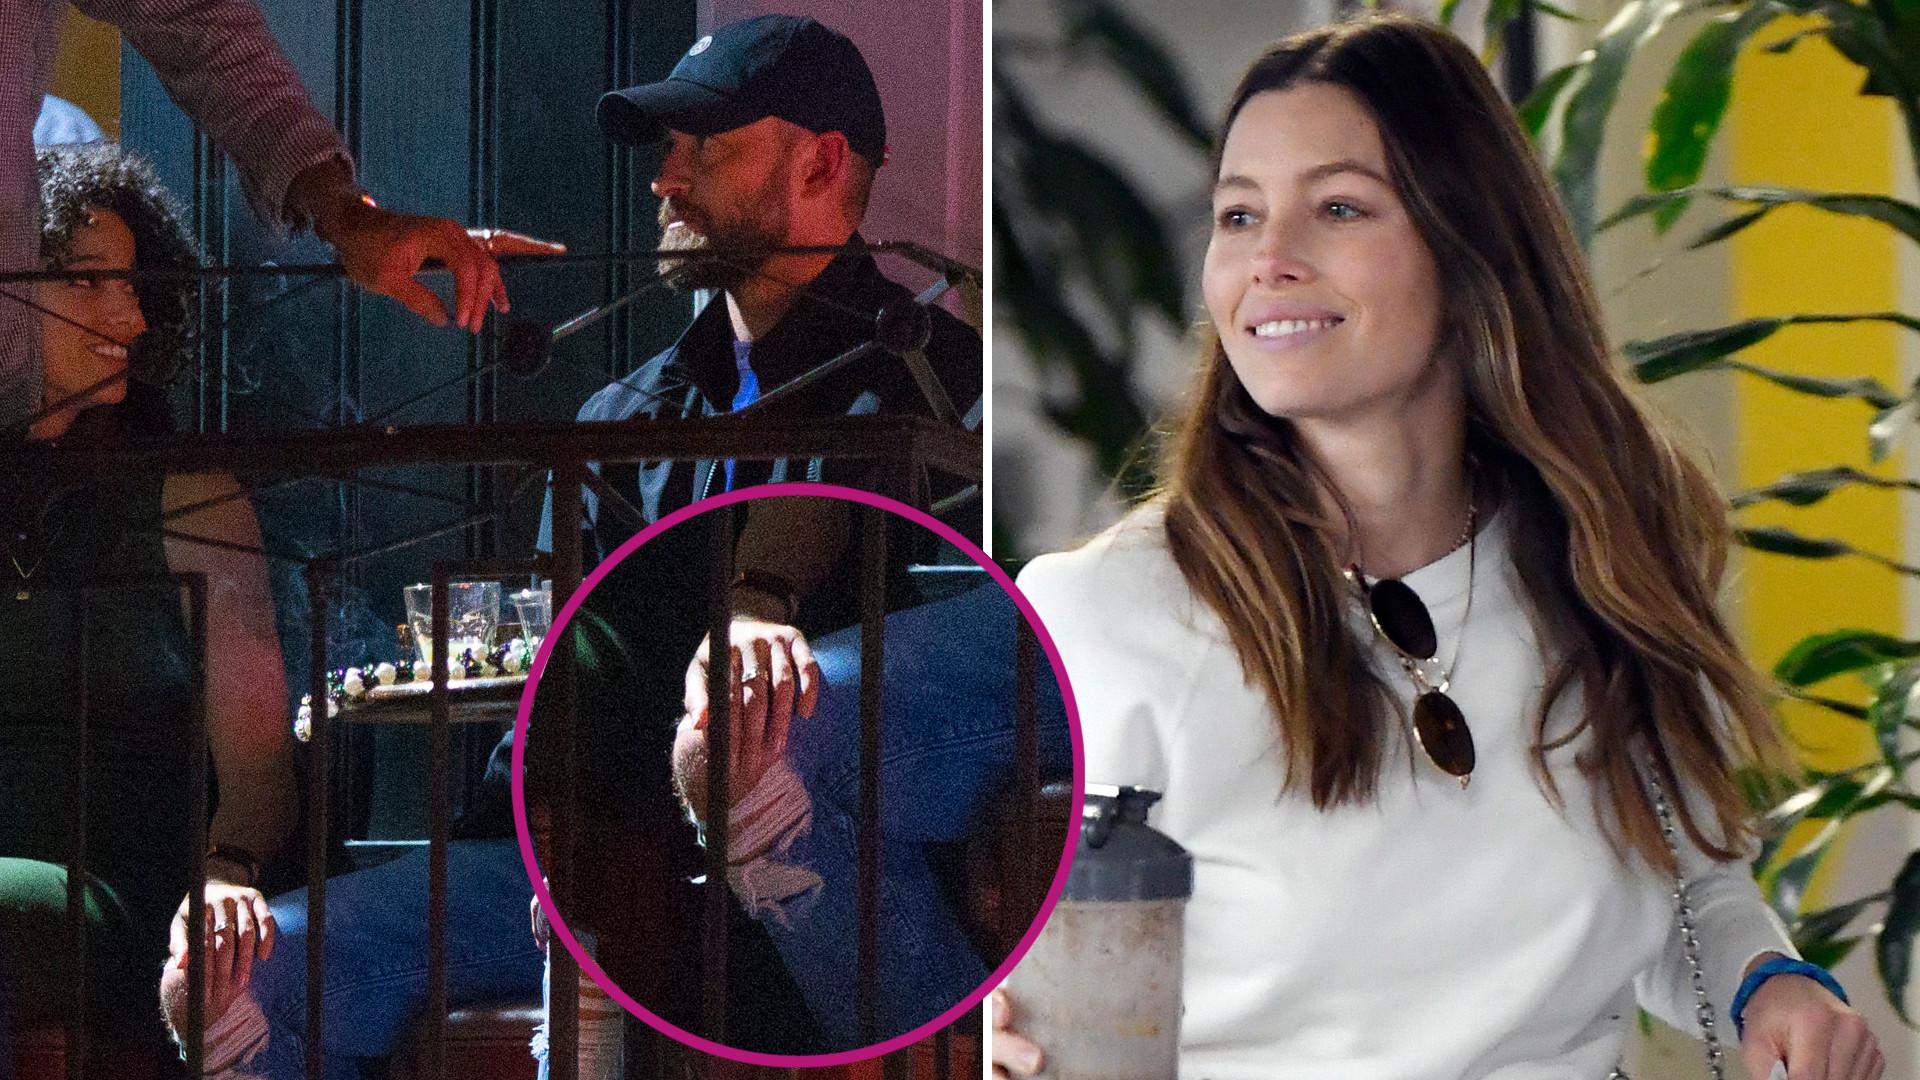 Pierwsze ZDJĘCIA Jessiki Biel po tym, jak jej mąż, Justin Timberlake, imprezował z koleżanką z planu